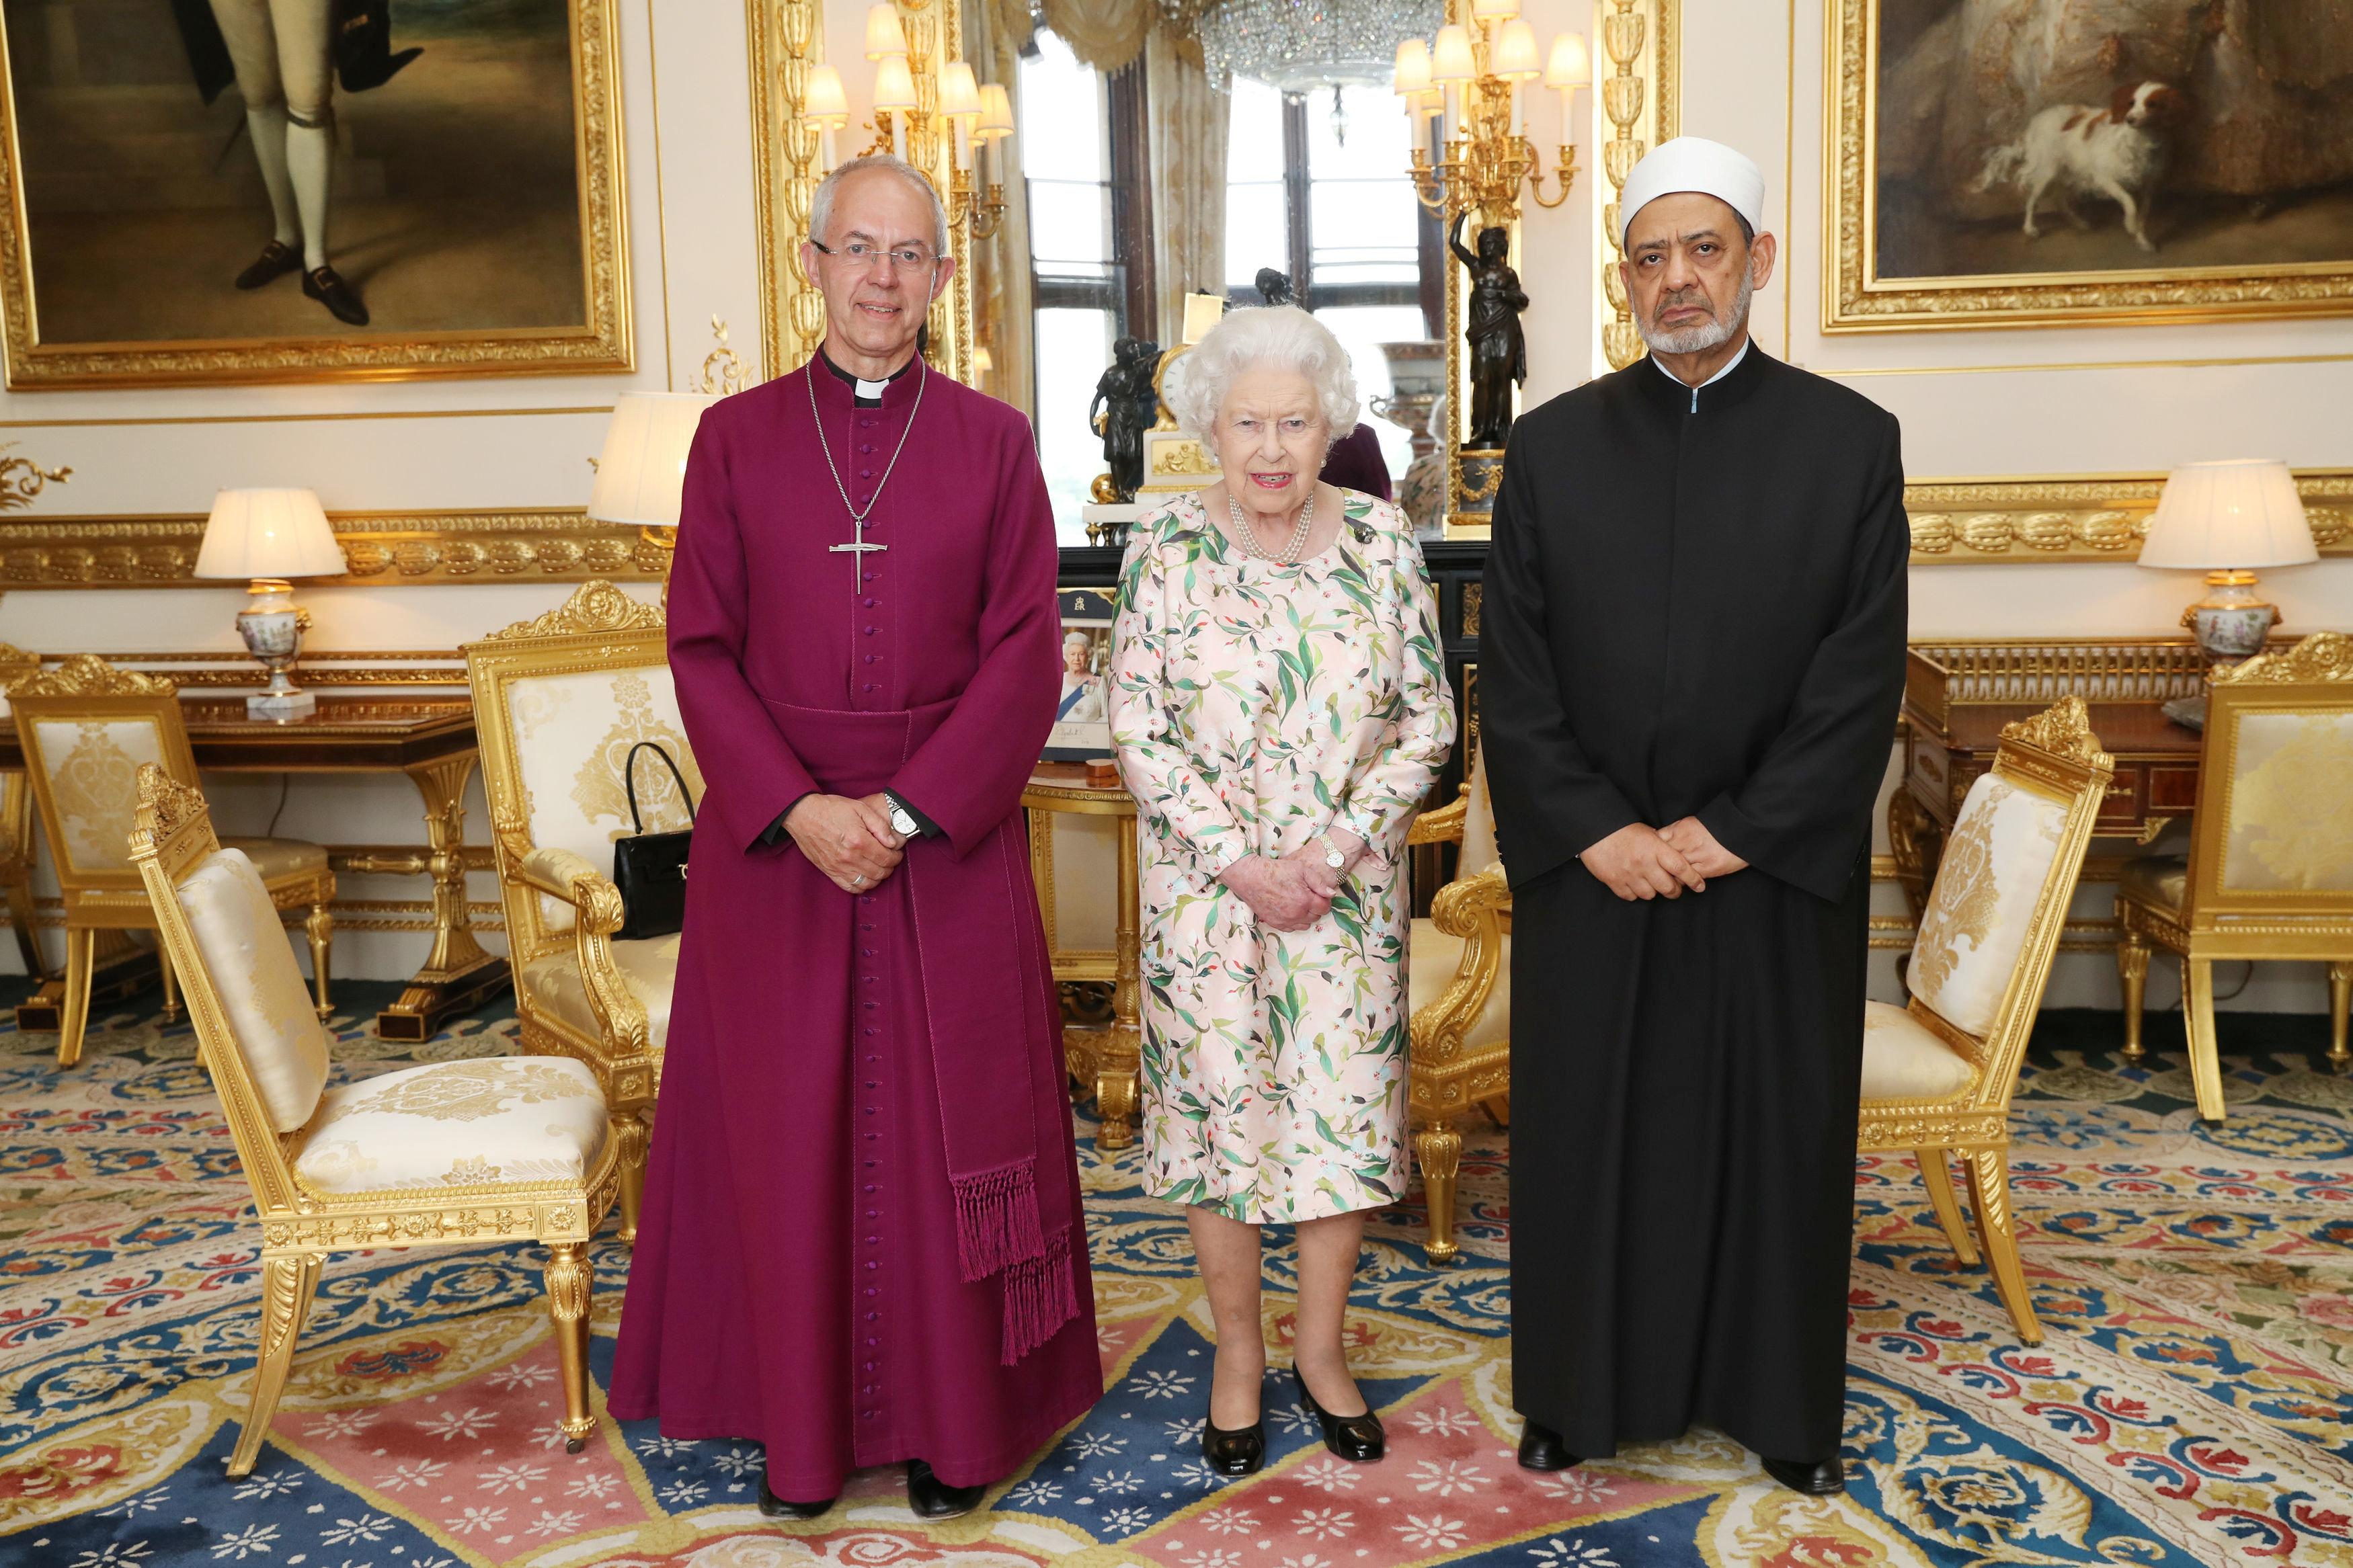 الإمام الأكبر مع ملكة بريطانيا وكبير أساقفة كنيسة كانتربرى